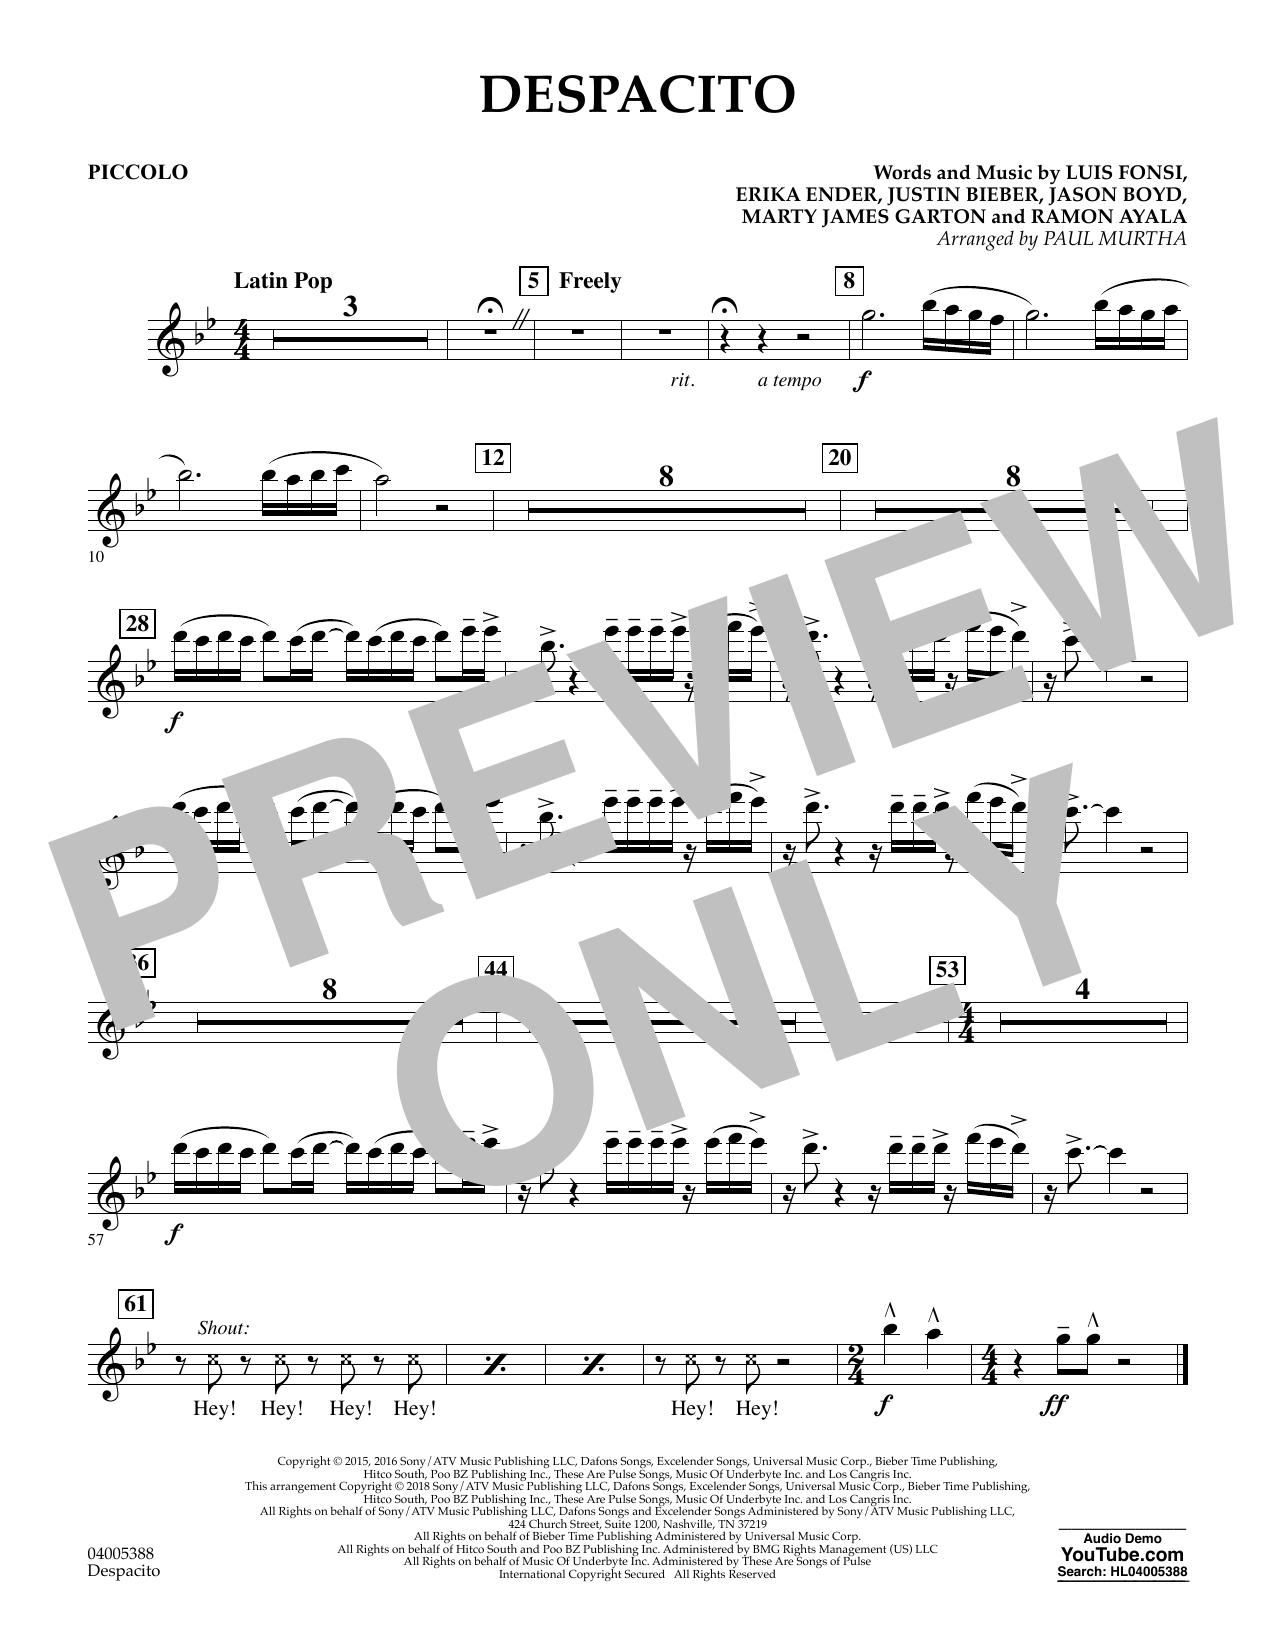 Despacito (arr. Paul Murtha) - Piccolo (Concert Band)